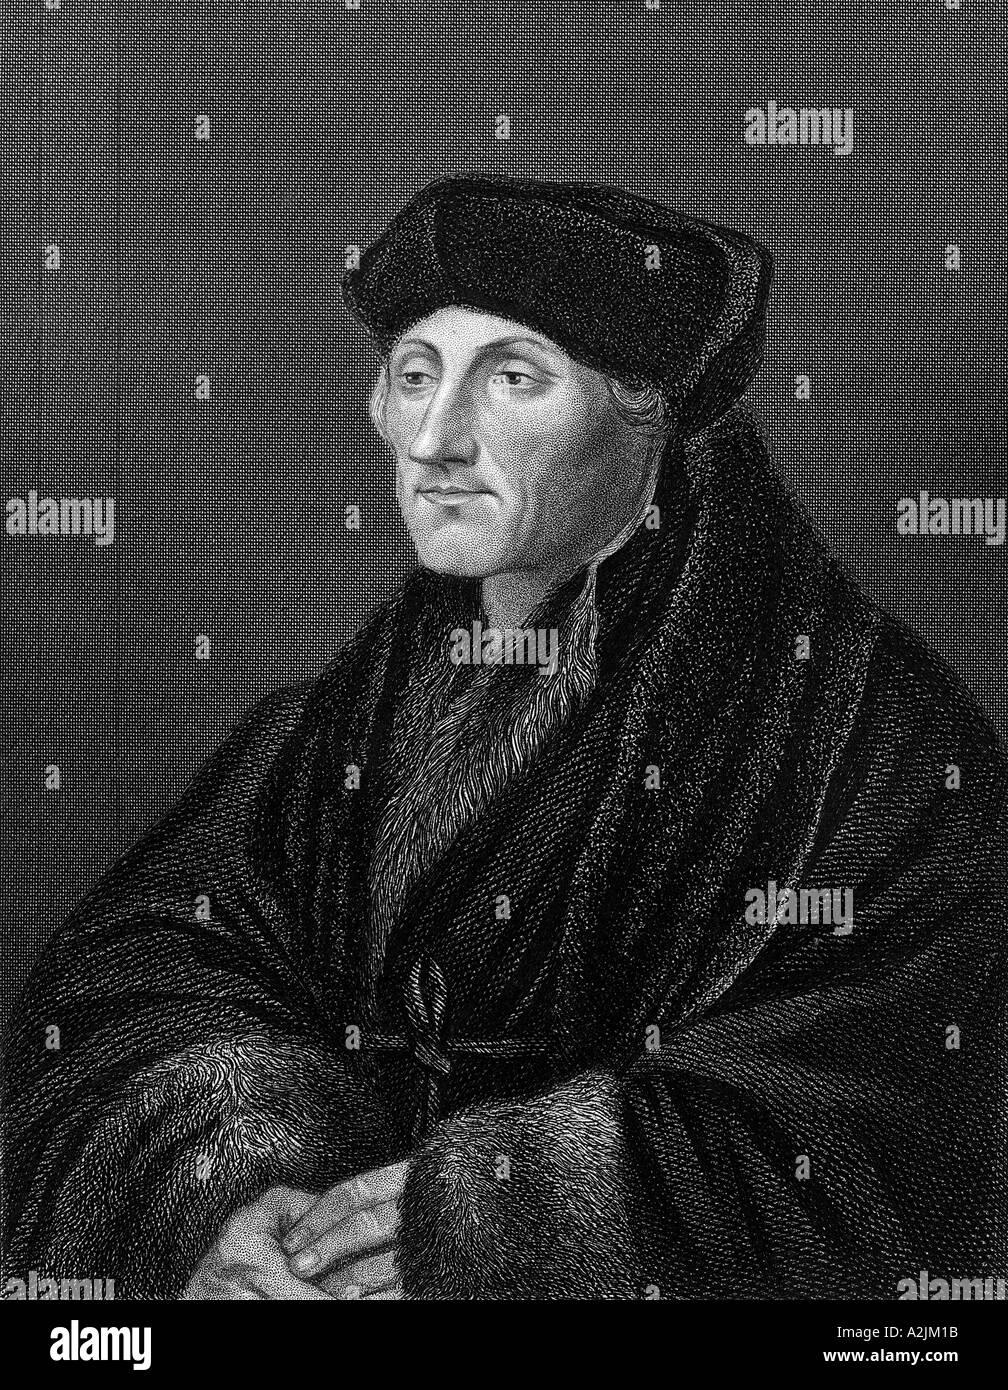 DESIDERIUS ERASMUS Dutch humanist and scholar c1466 to 1536 - Stock Image